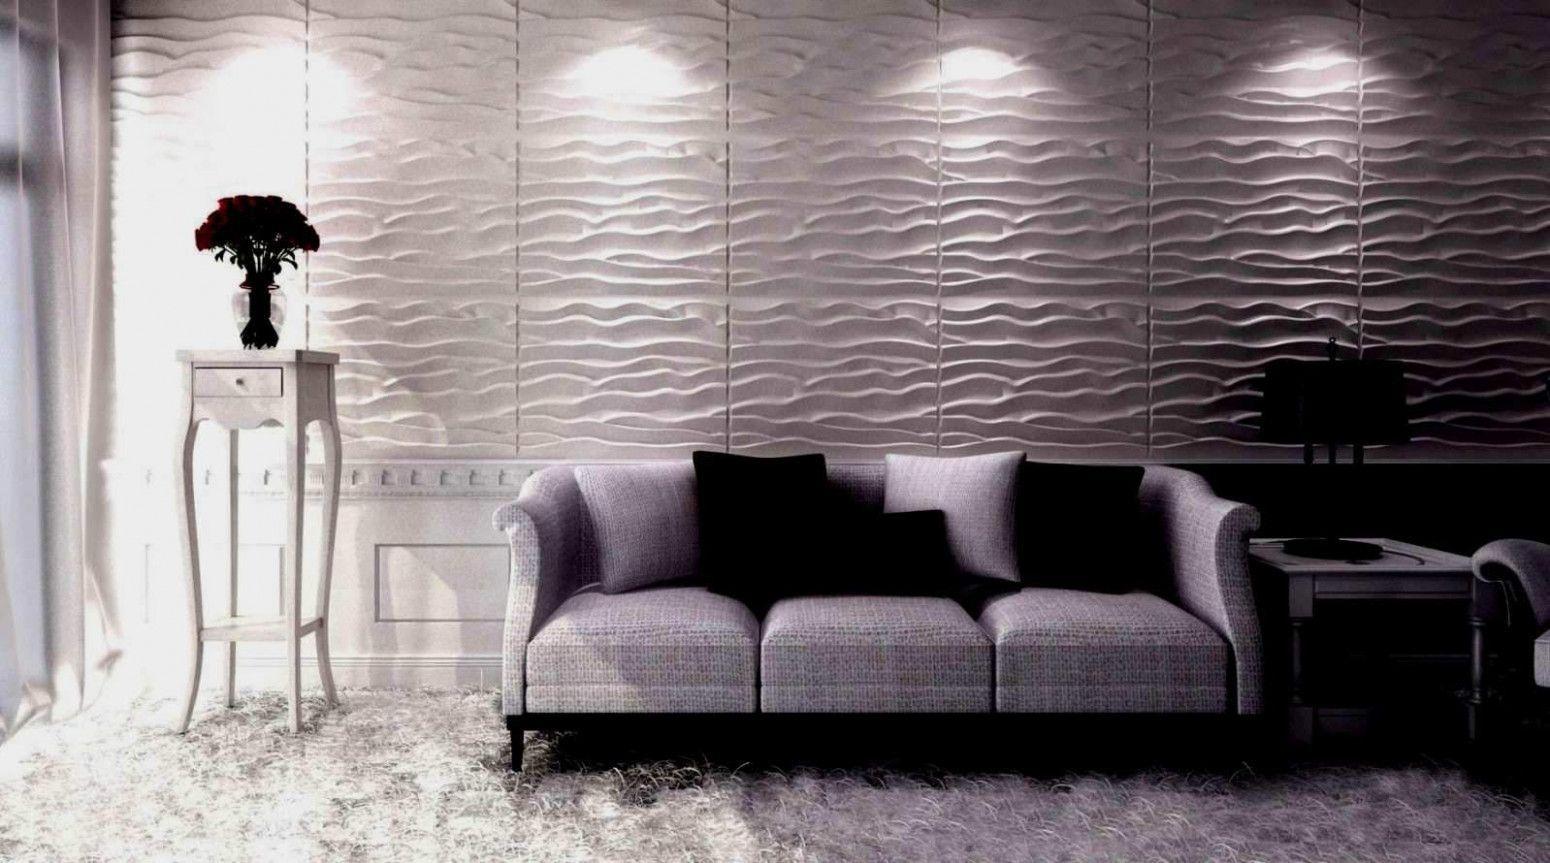 8 Wohnzimmer Design Tapeten - Wohnzimmer Design Tapeten Wo steht